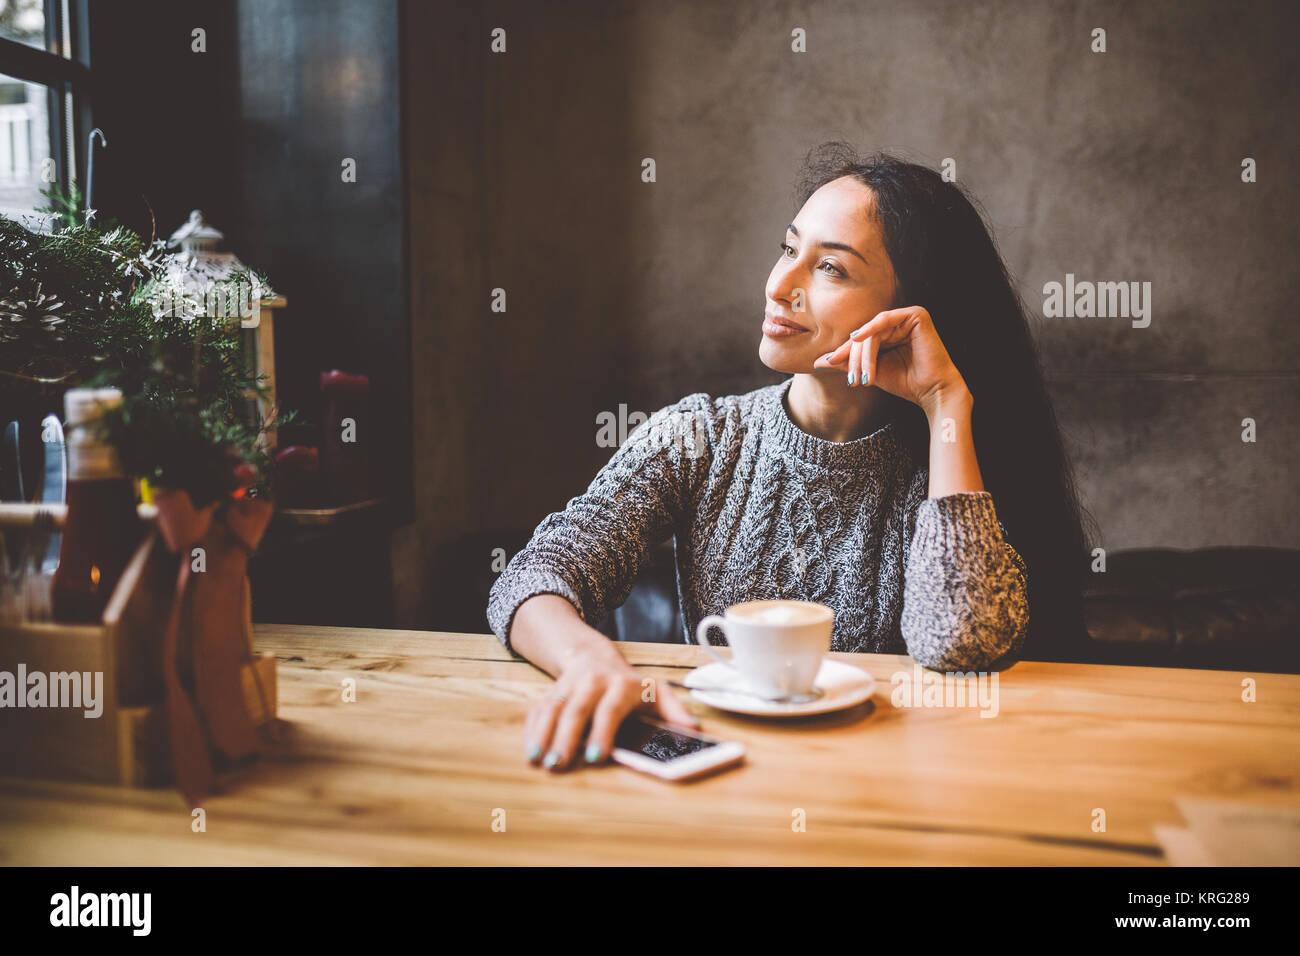 Belle jeune fille boit du café dans une tasse blanche, à côté de son téléphone portable Photo Stock